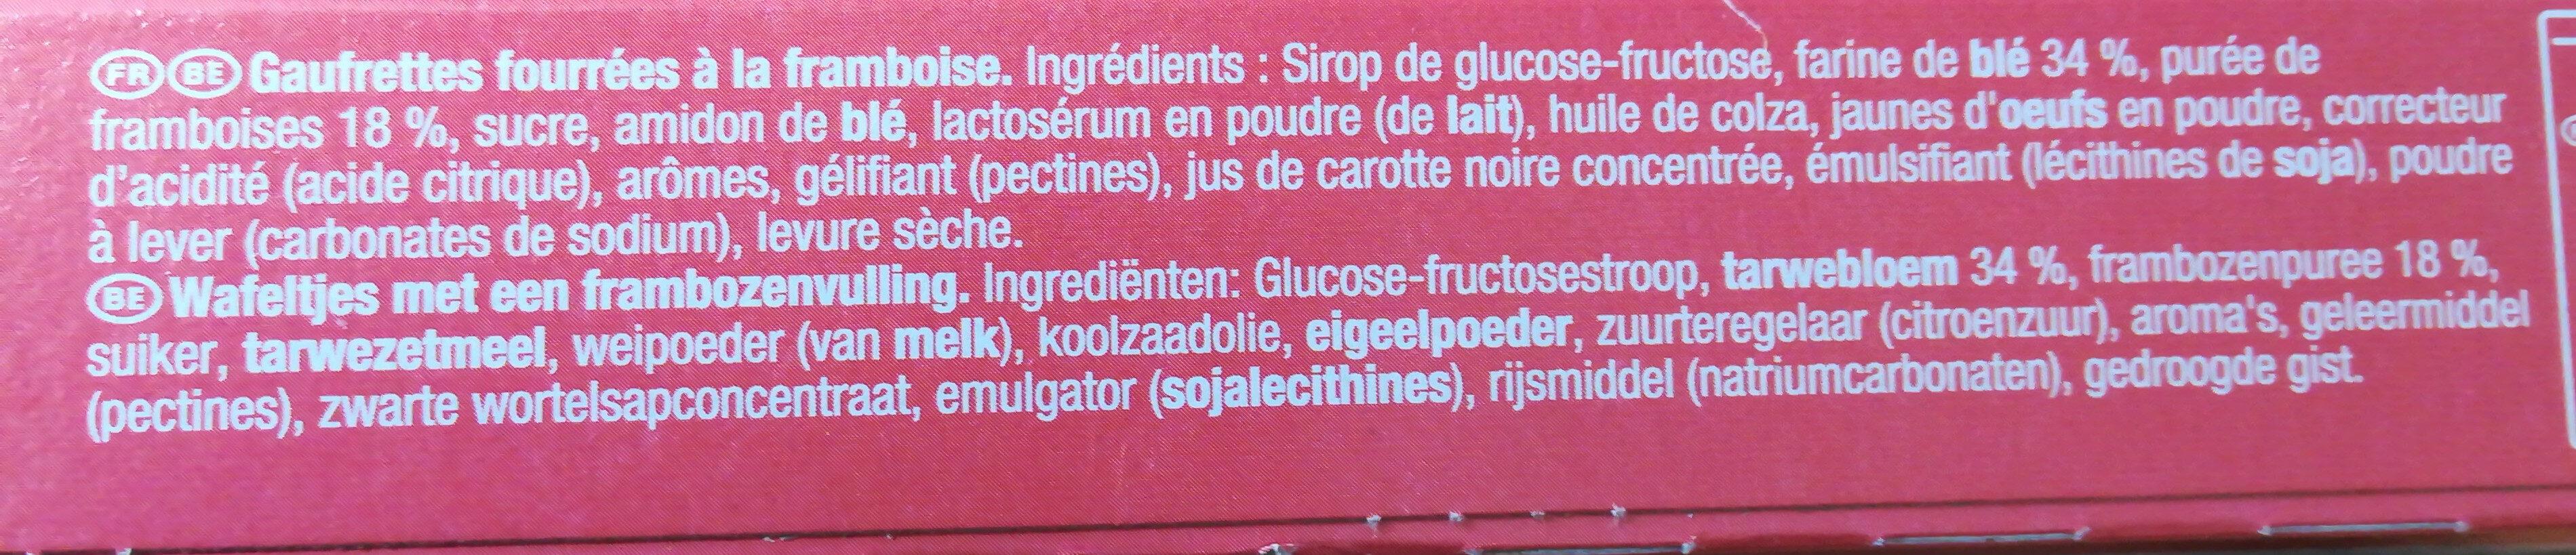 la paille d'or - Ingredients